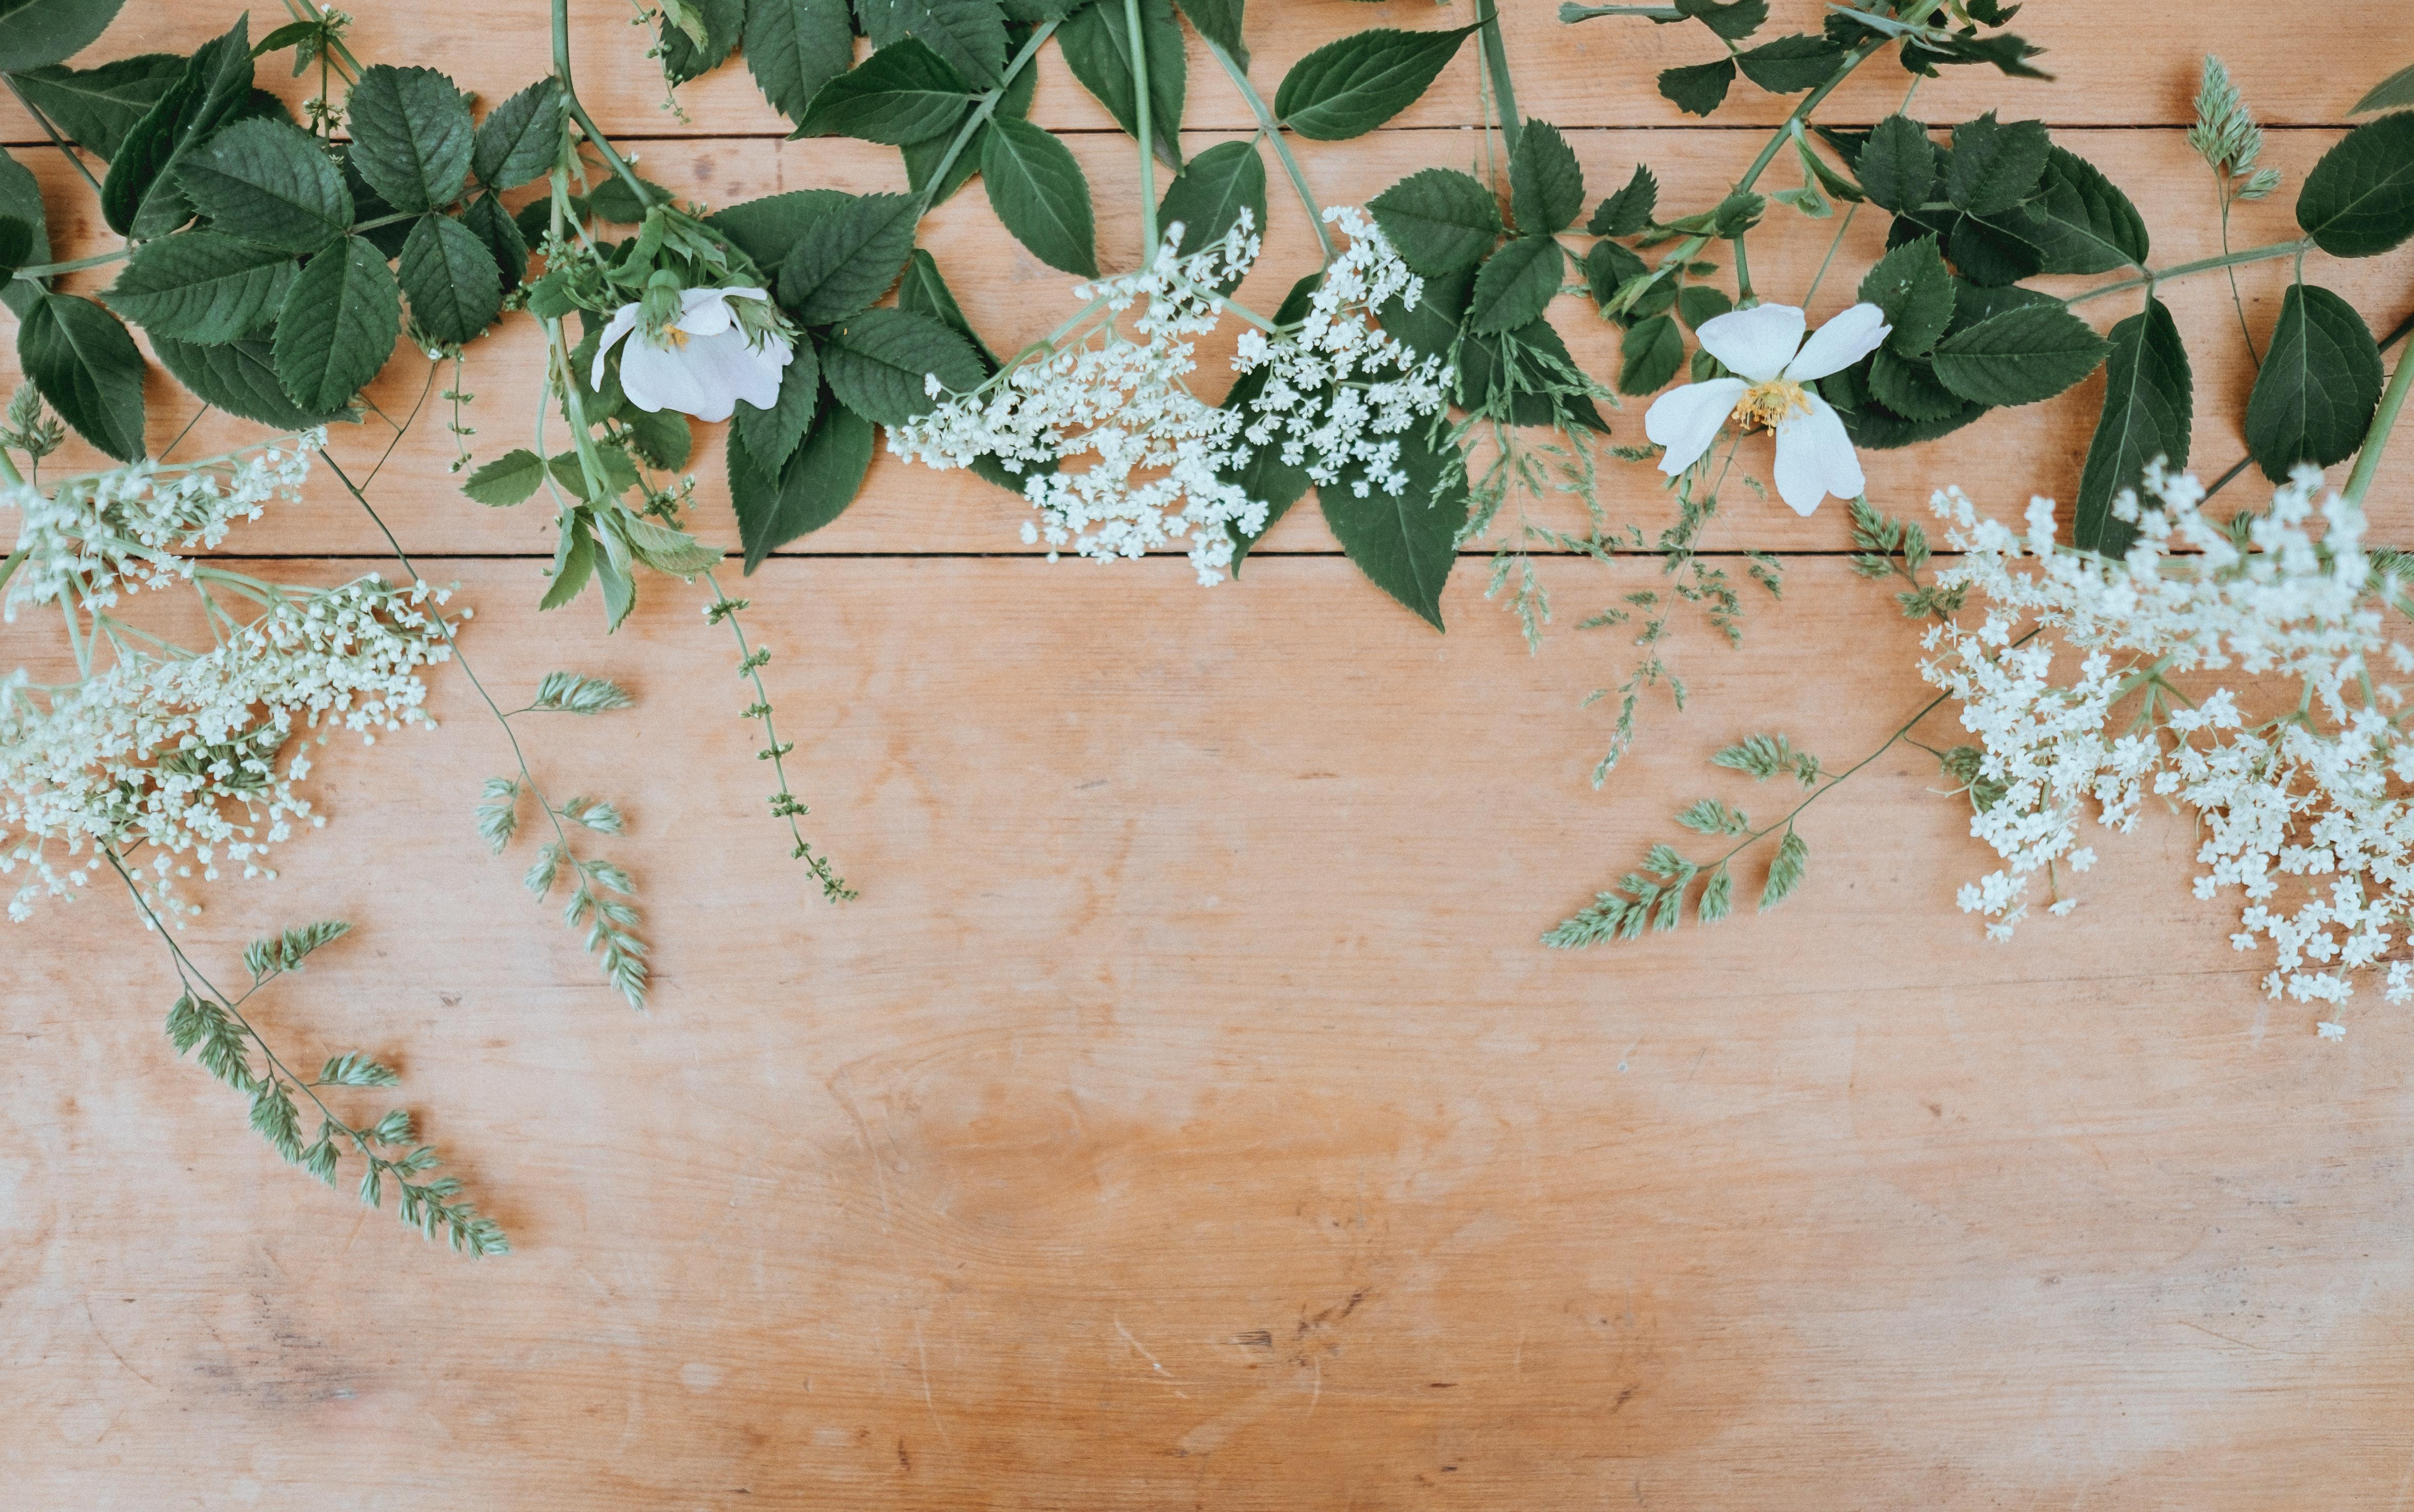 Beweise einen grünen Daumen und gönne dir Pflanzen beim großen Verkauf!